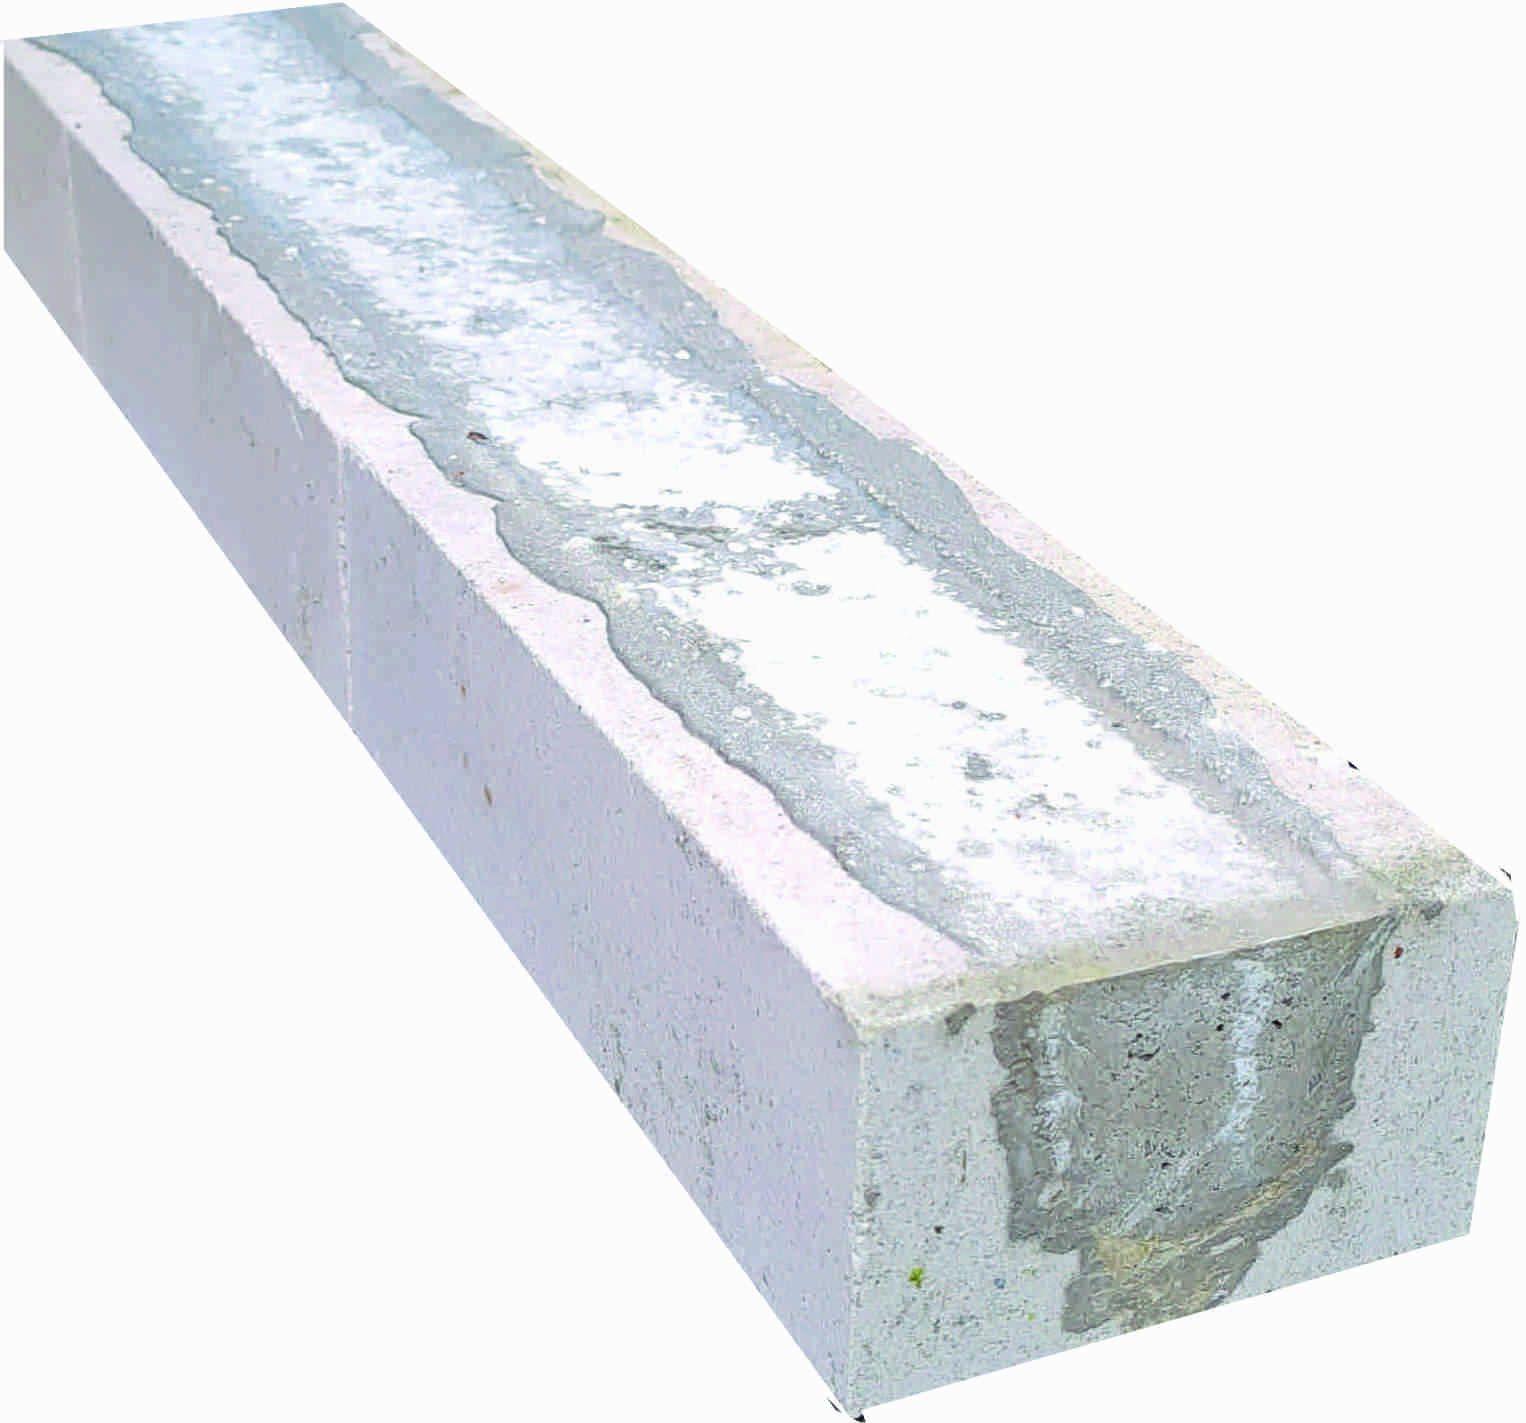 Kalksandsteinstürze NF 7,1 x 11,5 cm in verschiedenen Längen